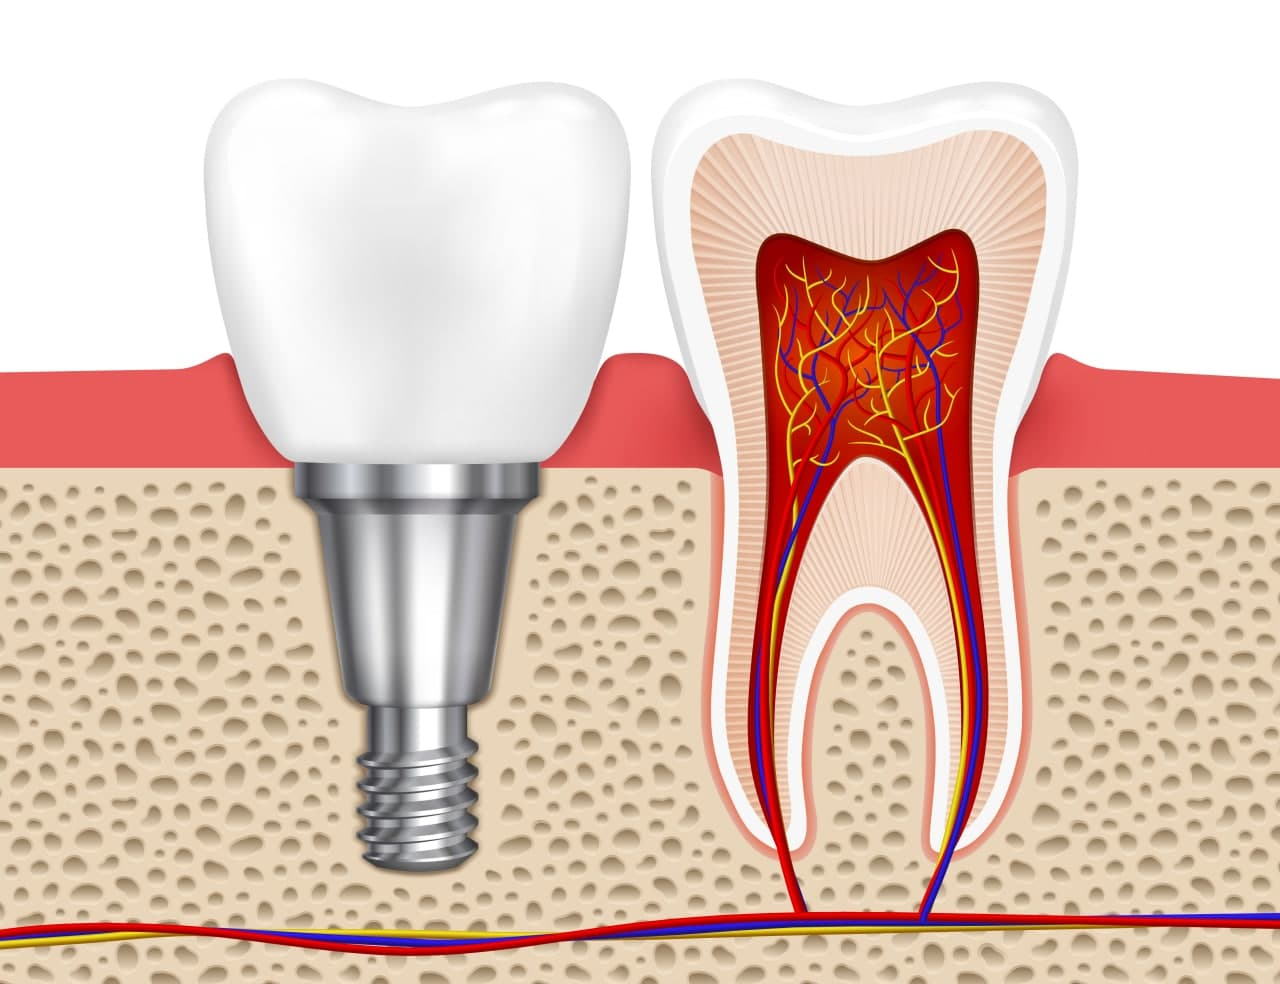 مزایای کاشت ایمپلنت دندان